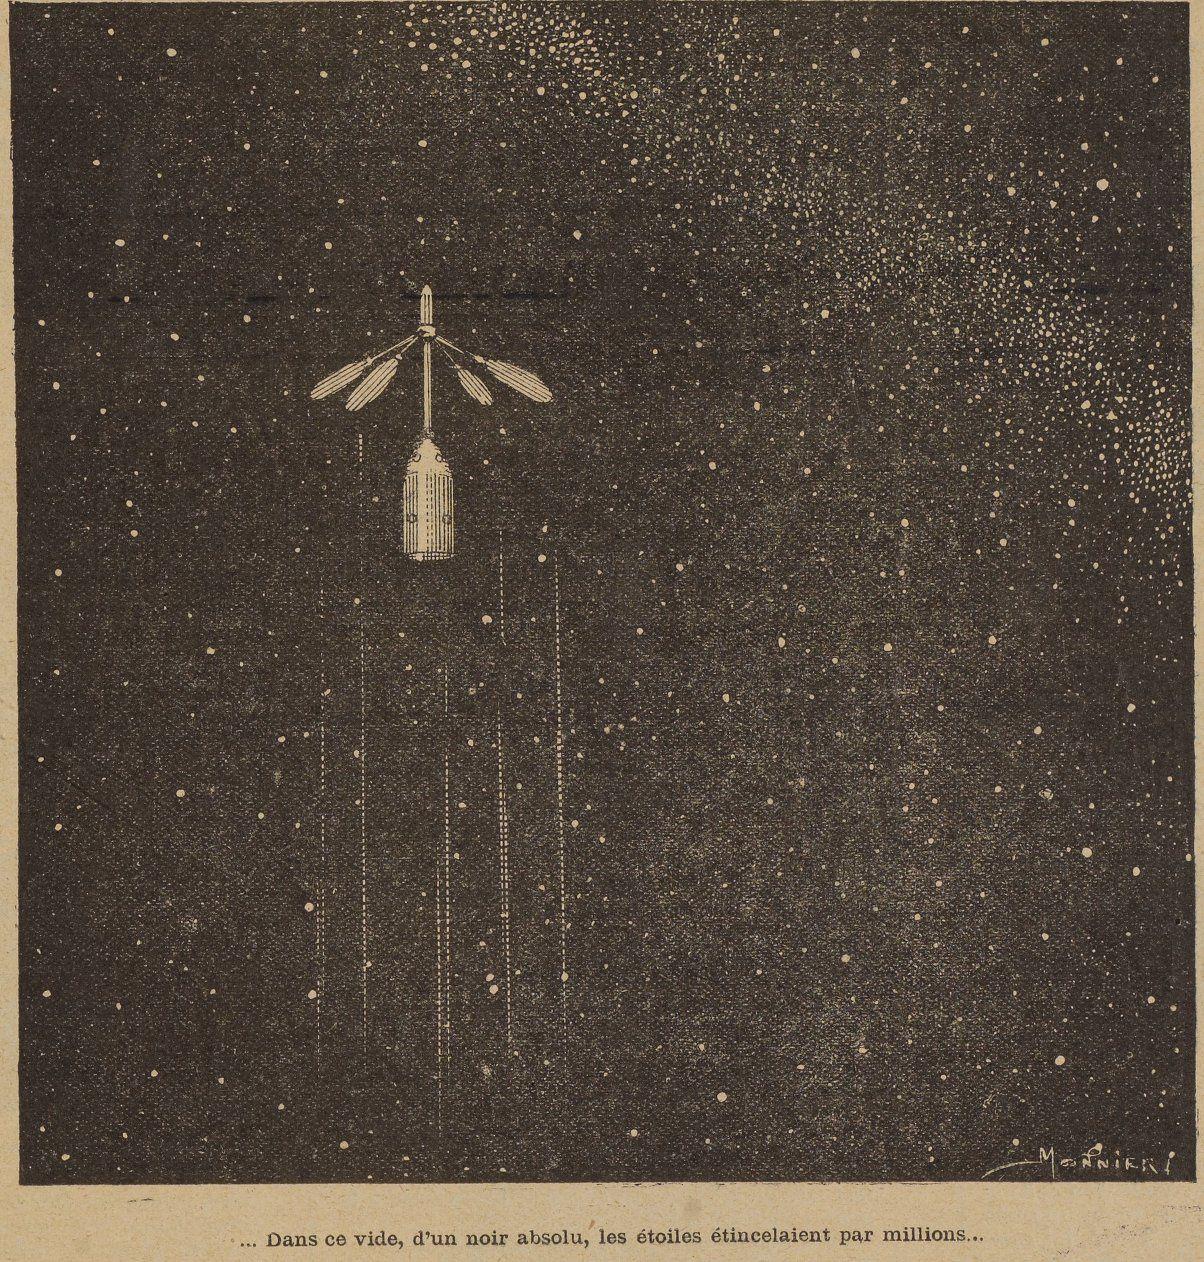 Marius Monnier - A quatre-vingt dix mille lieues de la Terre in La Jeunesse illustrée n°182 (19/08/1906)